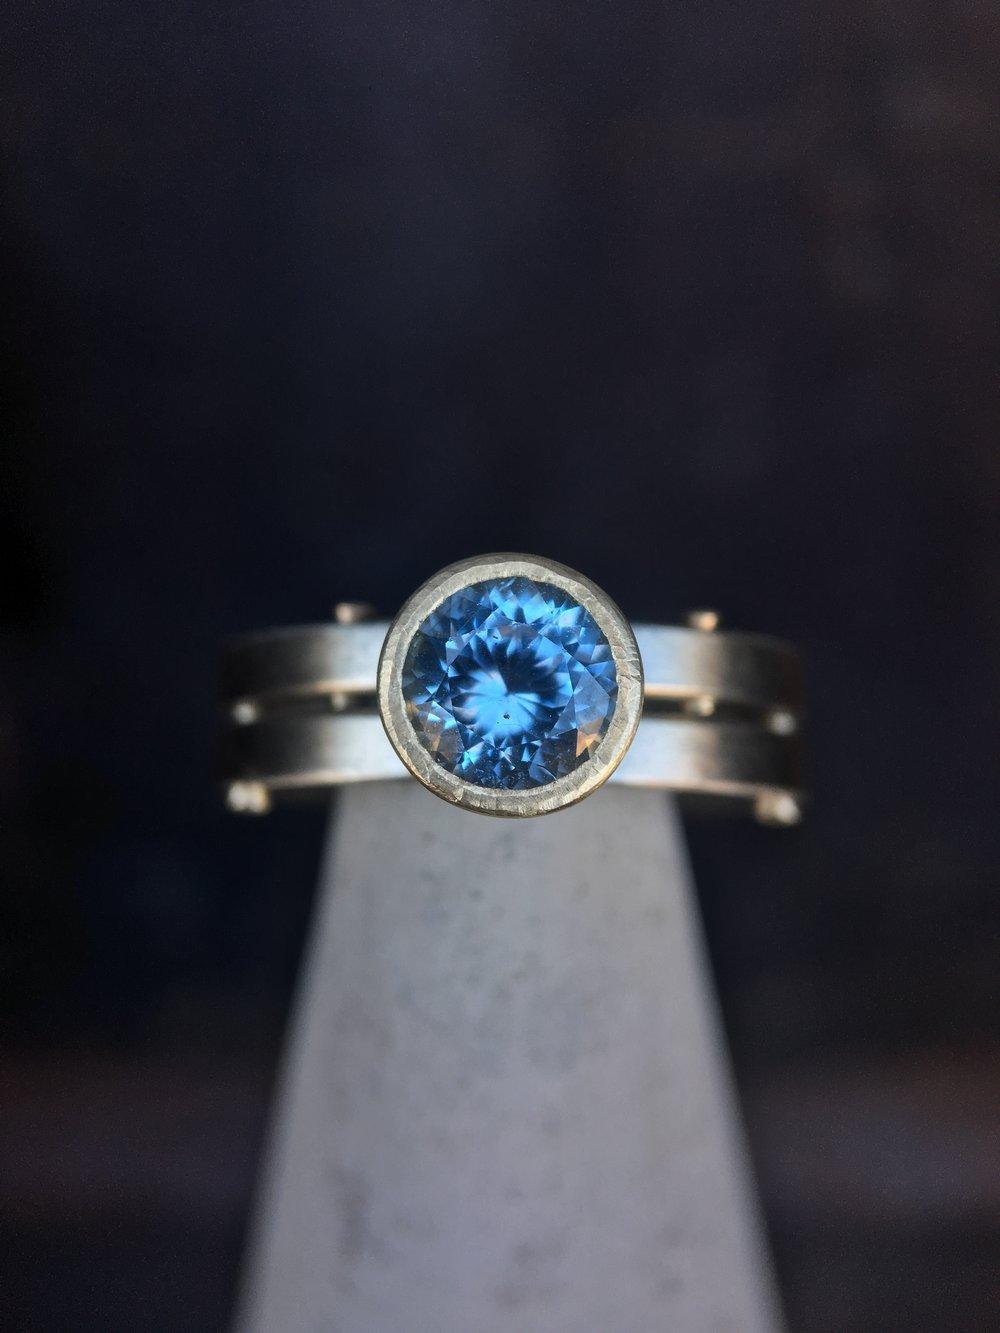 Industrial Bling Montana Sapphire 14KT White Gold 14KT Gold Rivet Ring